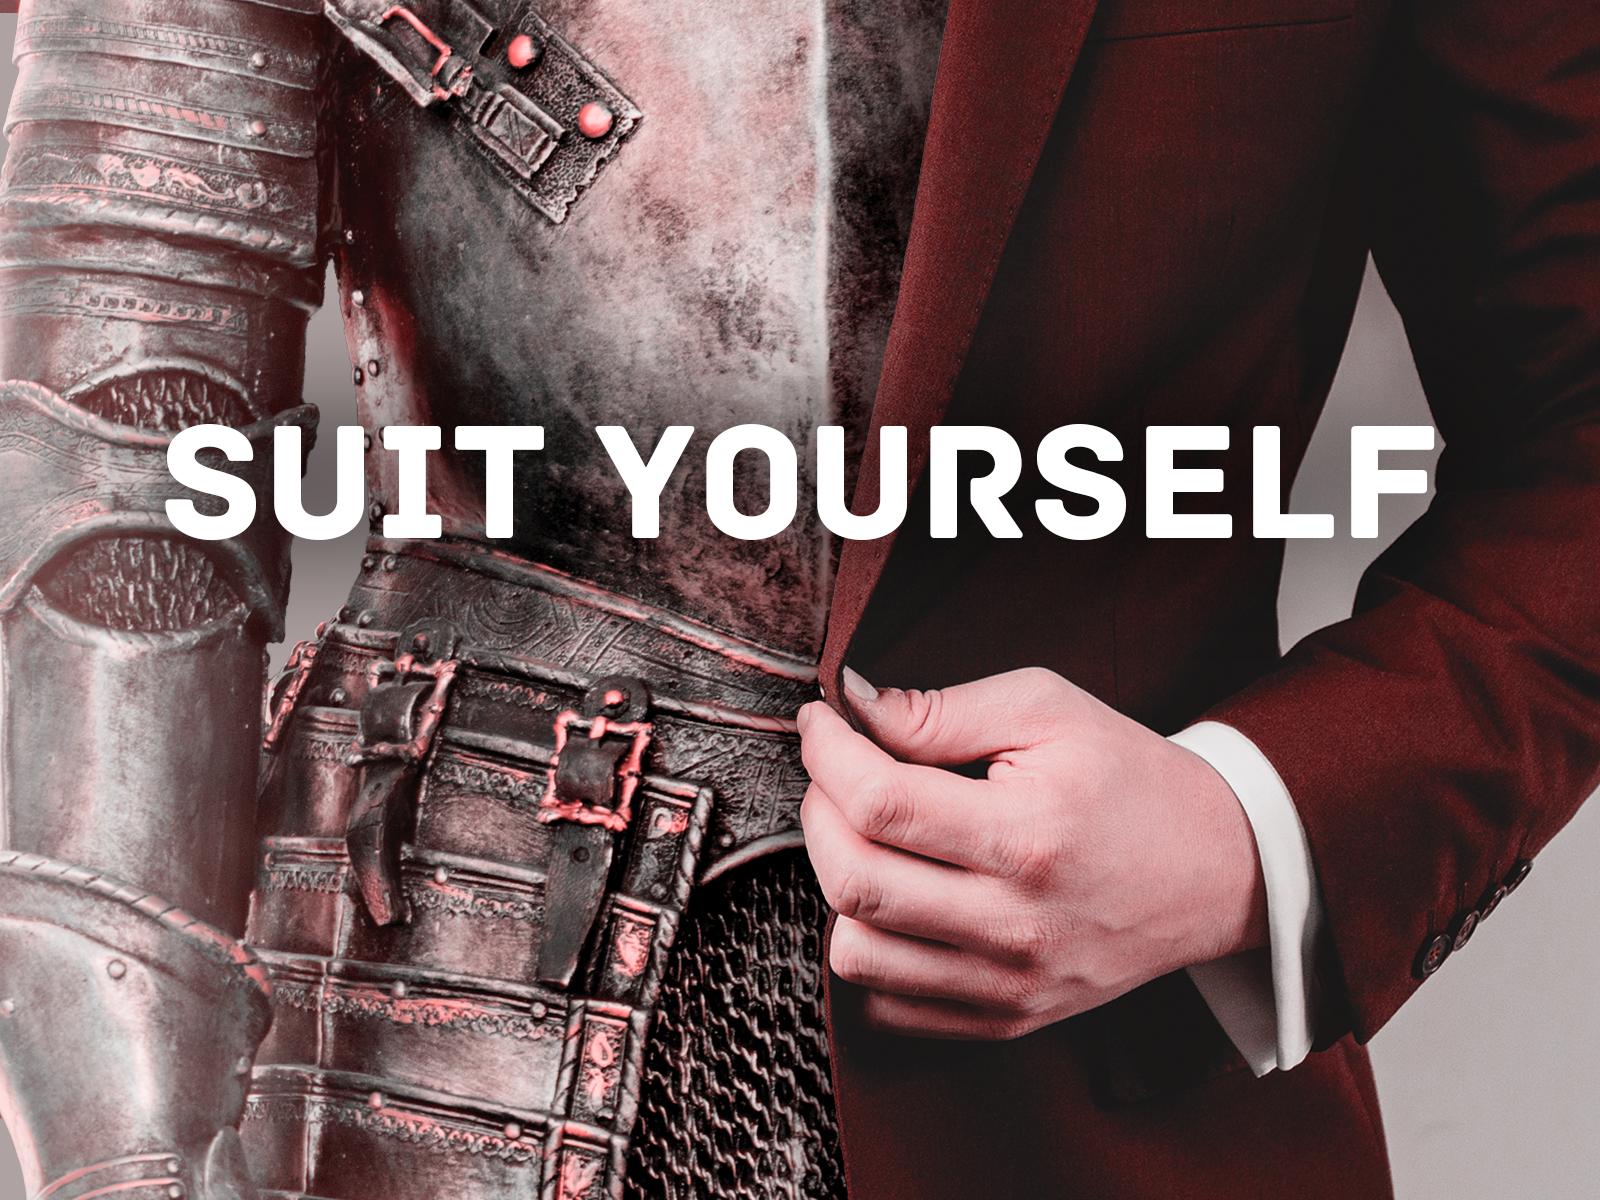 Wallpaper_Desktop_Standard_Suit_Yourself.png